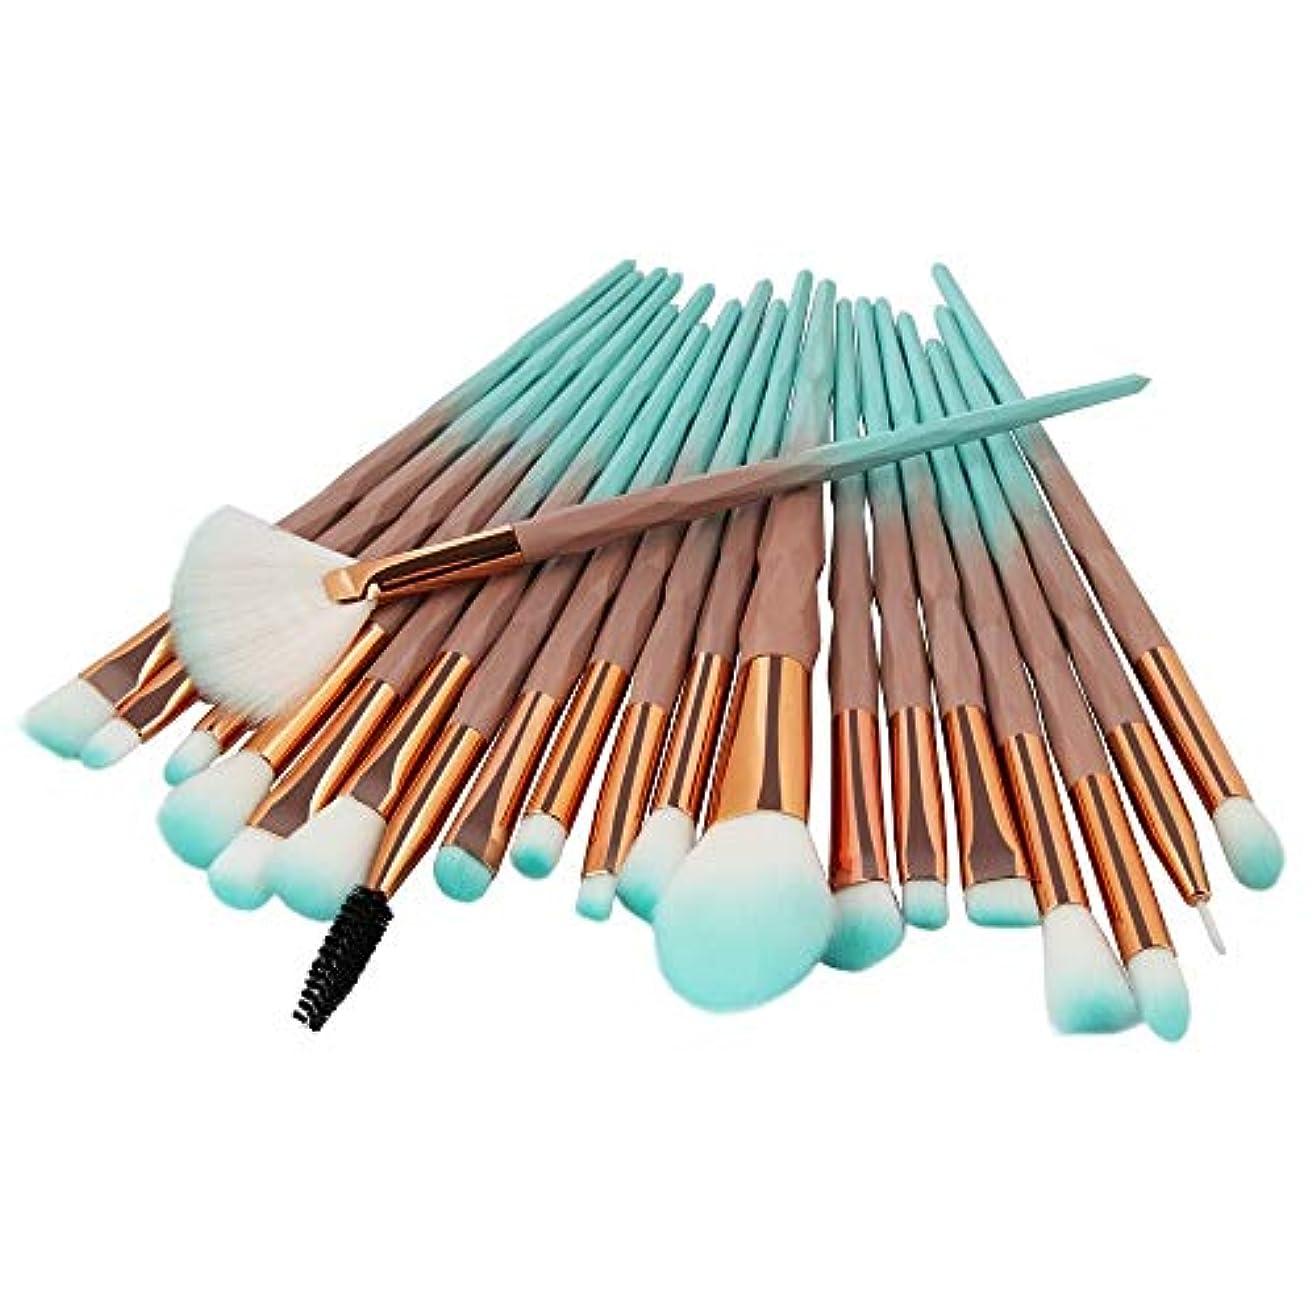 笑え熊 化粧ブラシ 化粧筆 専用ポーチ付き 乾きが速い 超柔らかい ブラシ 高級 人気 安心